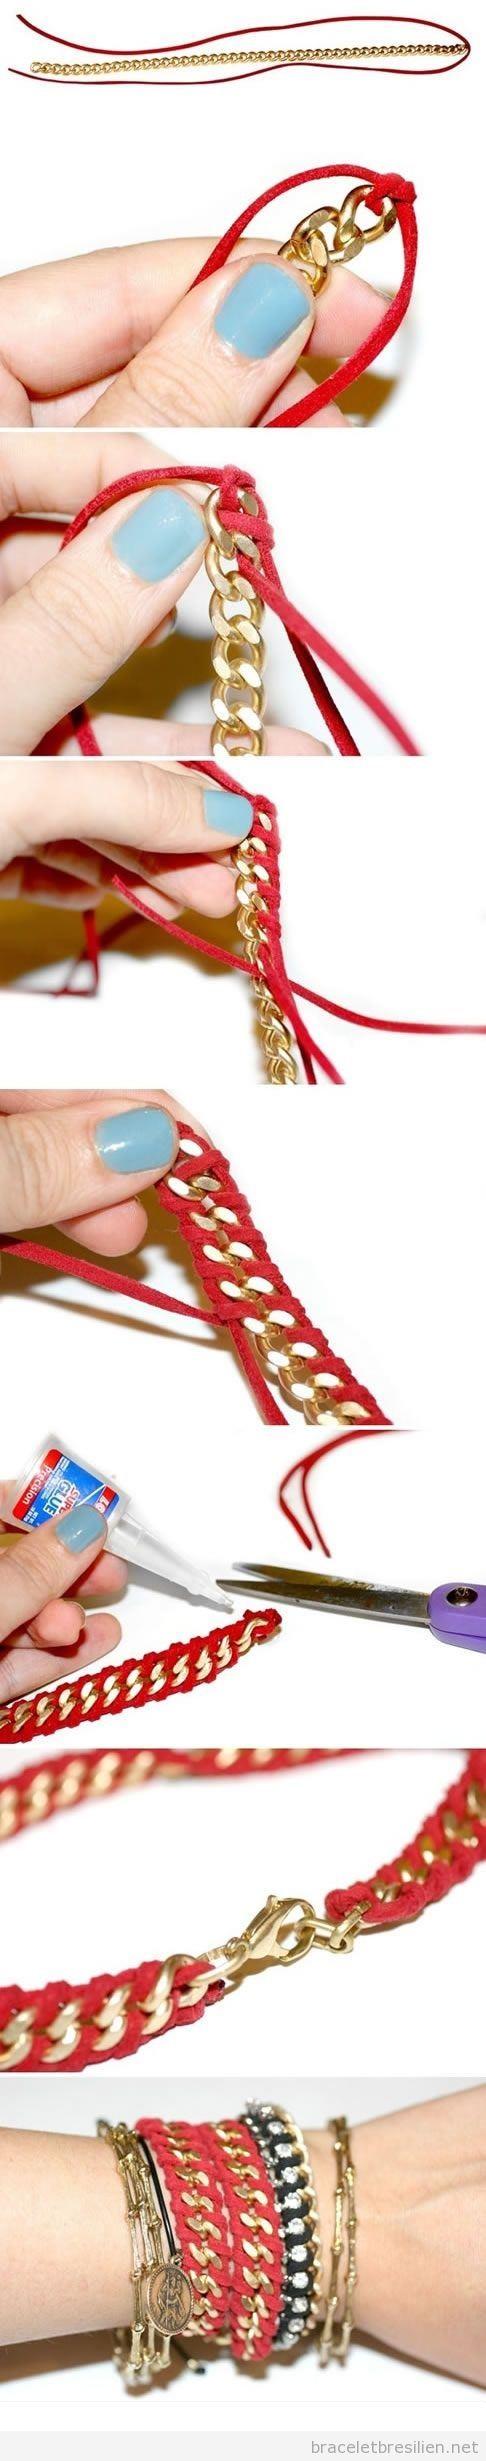 Tuto bracelet chaine et anteline, cadeau Noël